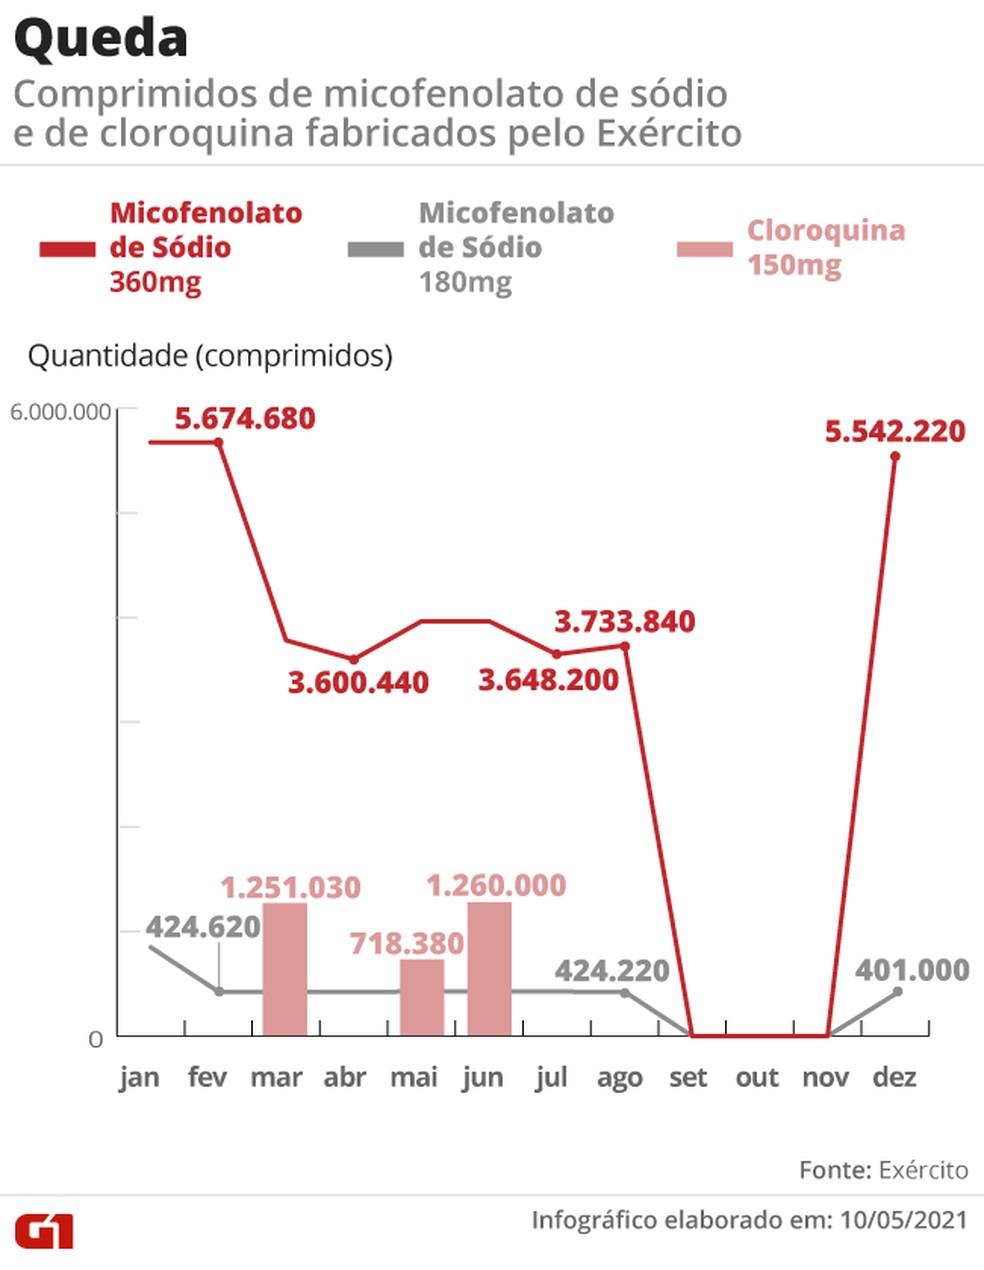 Infográfico mostra a produção de micofenolato e cloroquina pelo Exército — Foto: Editoria de Arte/G1